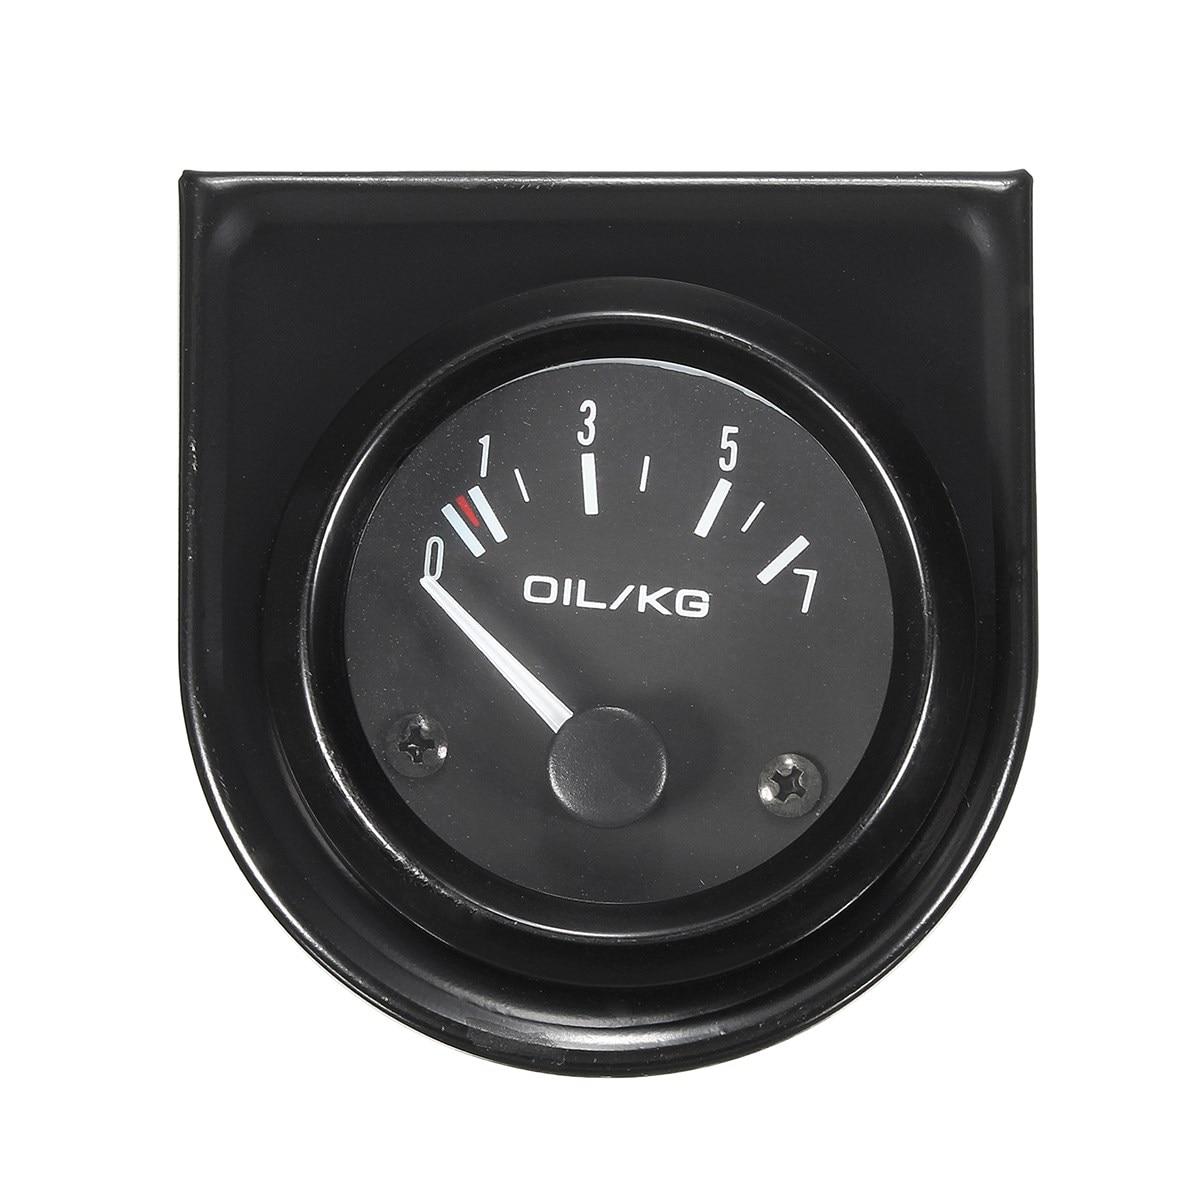 2 Zoll 52mm Universal Auto Schwarzen Zifferblättern Öldruckanzeige 0-7 kg/cm Weiß LED-Licht